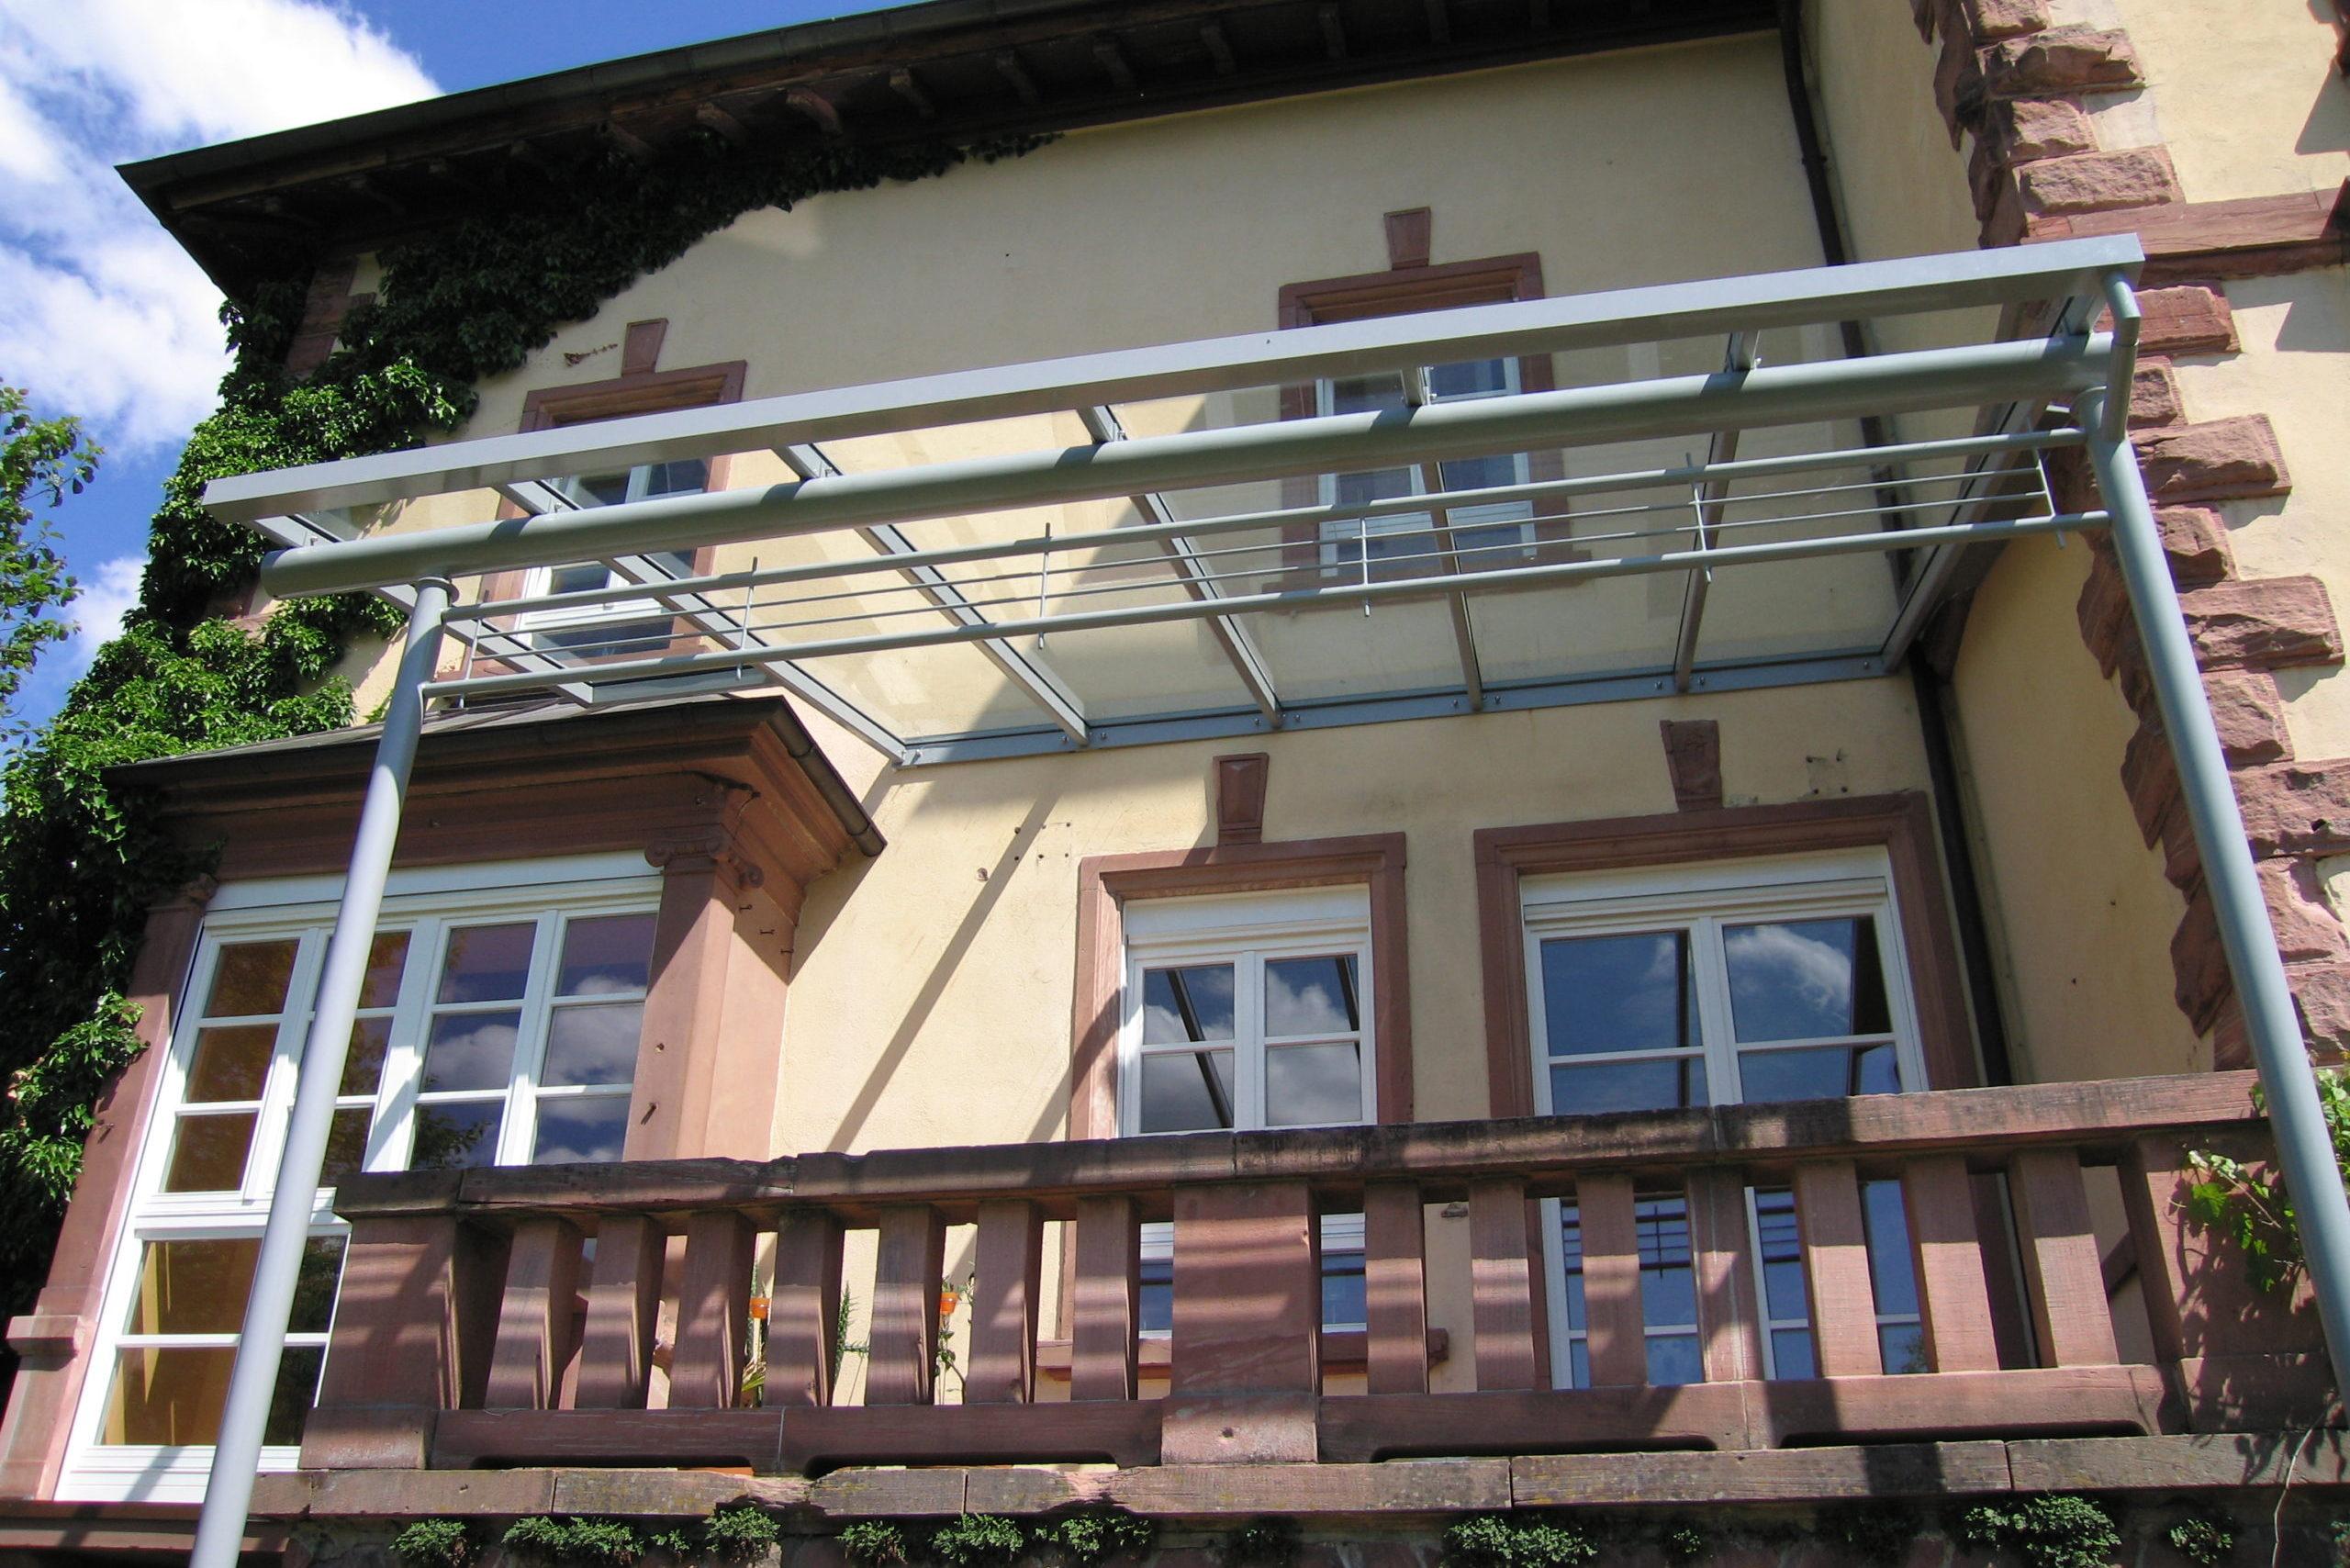 Einfamilienhaus, Collenberg am Main